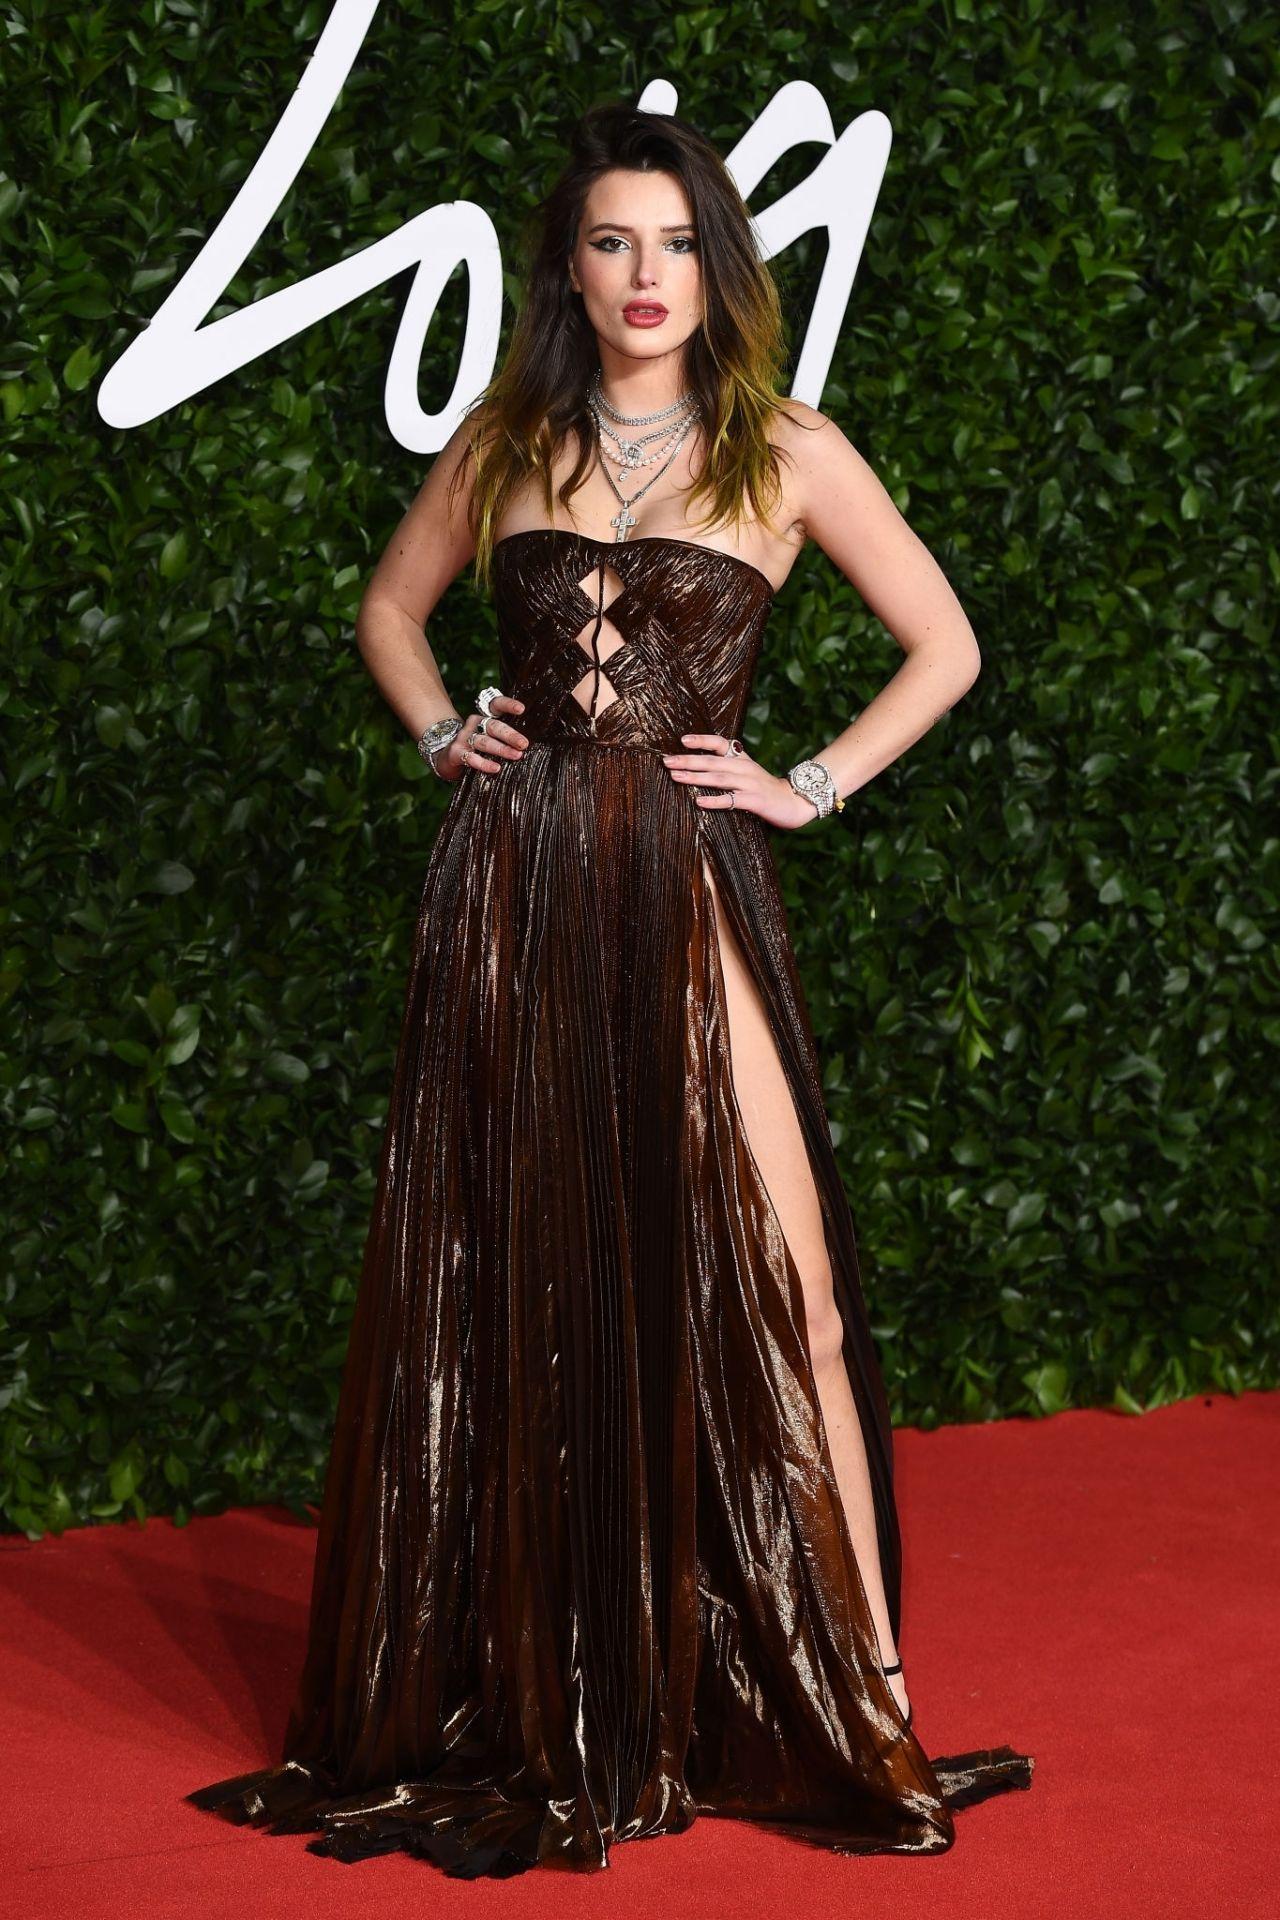 Ravishing Bella Thorne very sexy at Fashion Awards 2019 Red Carpet in London